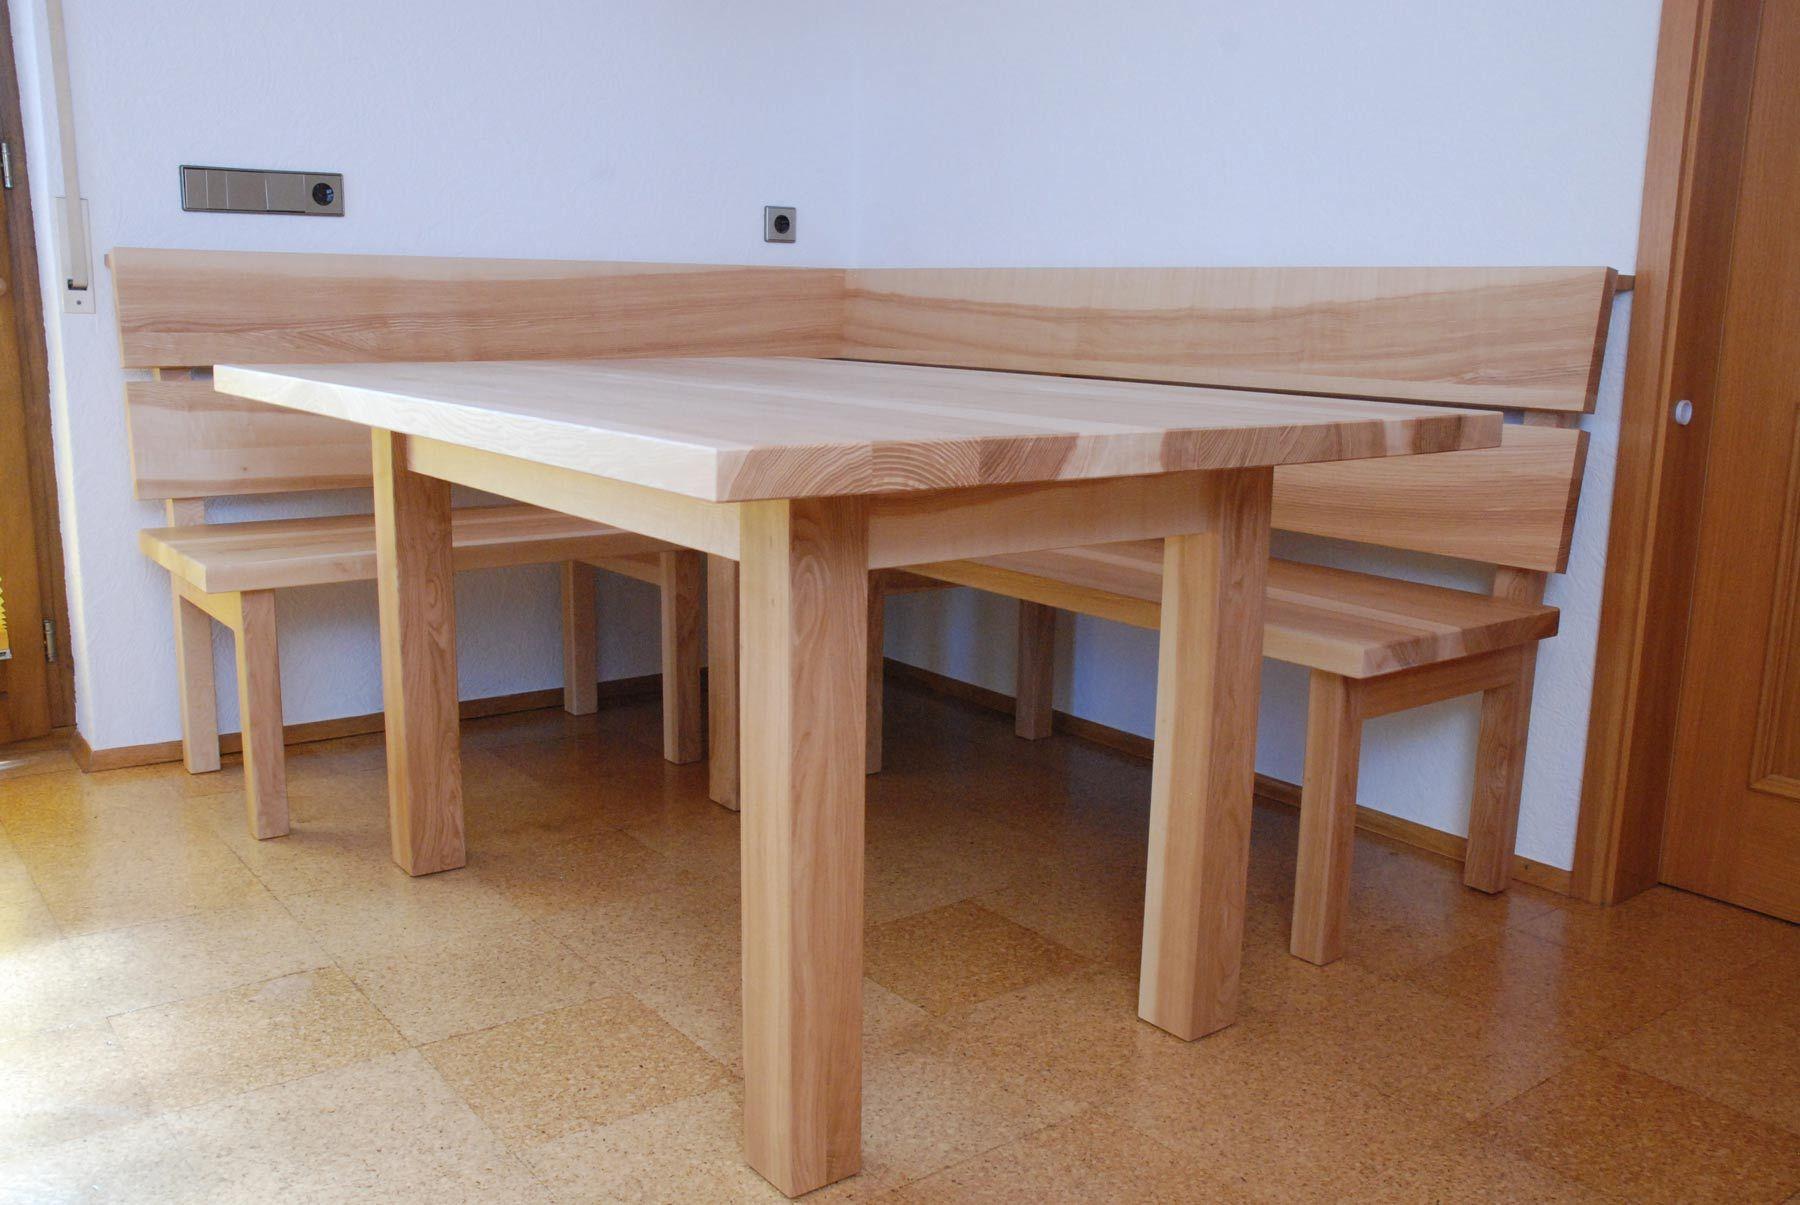 Tisch Und Bank Fur Das Esszimmer Aus Esche Haus Deko Kuchen Sitzgelegenheiten Eckbank Mit Tisch